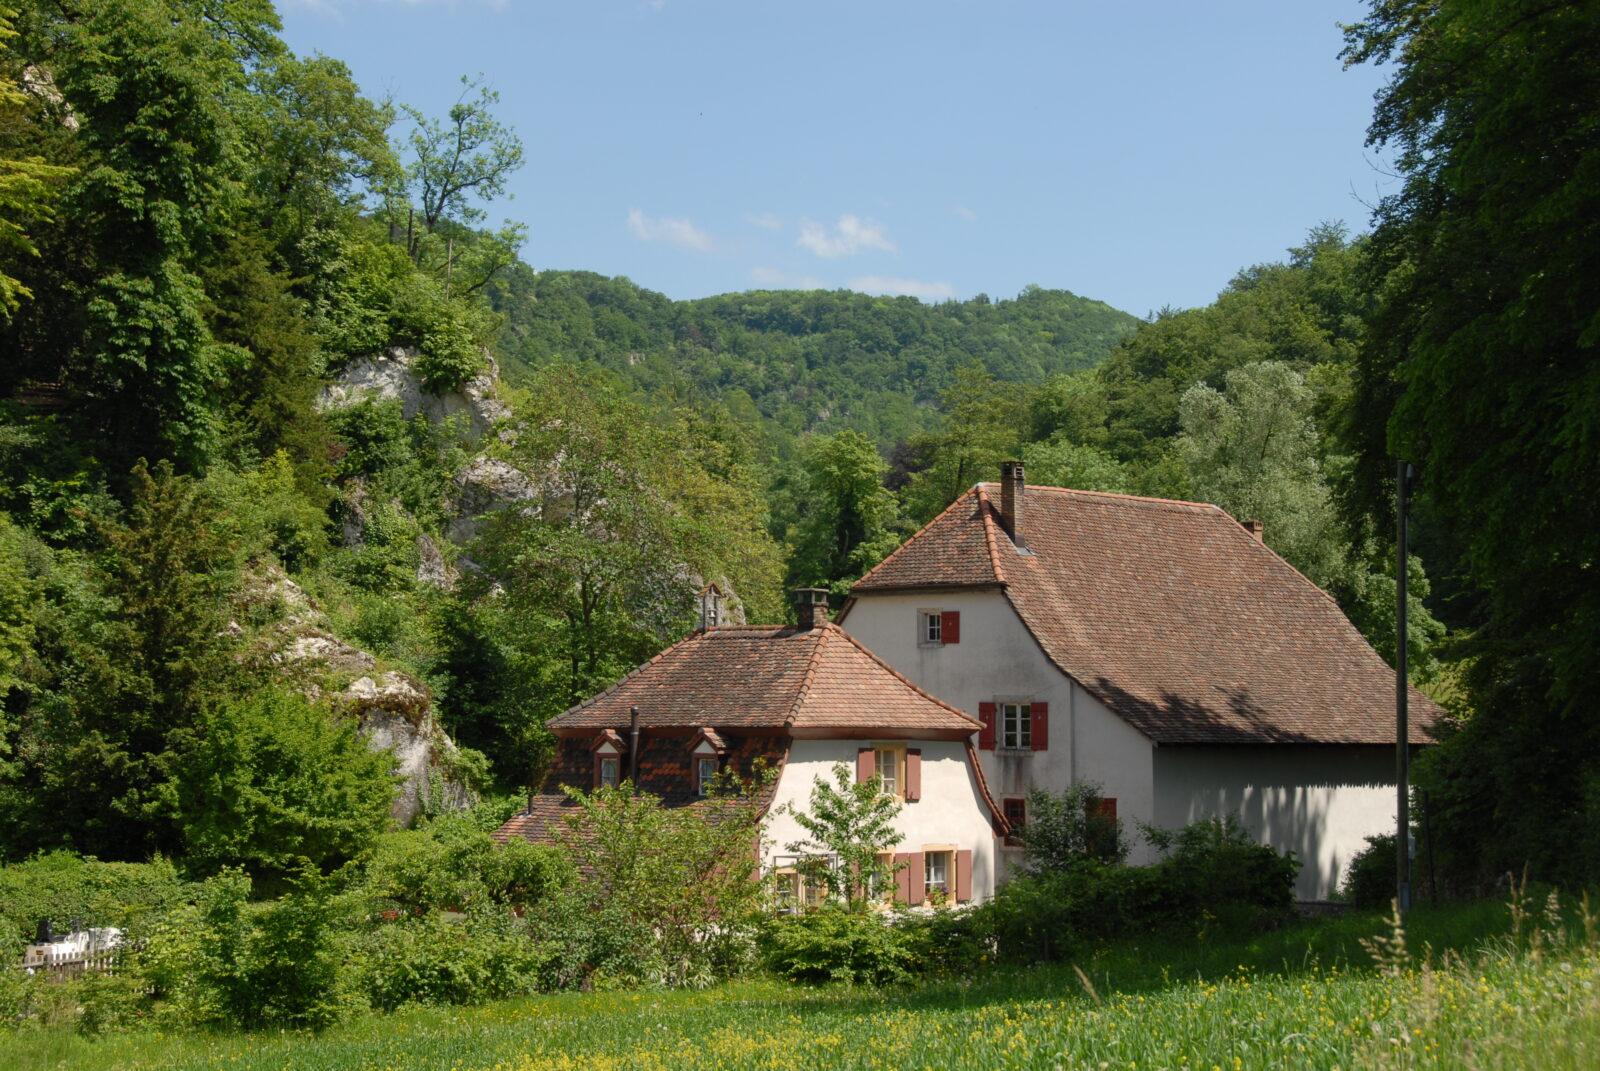 296 Arlesheim BL